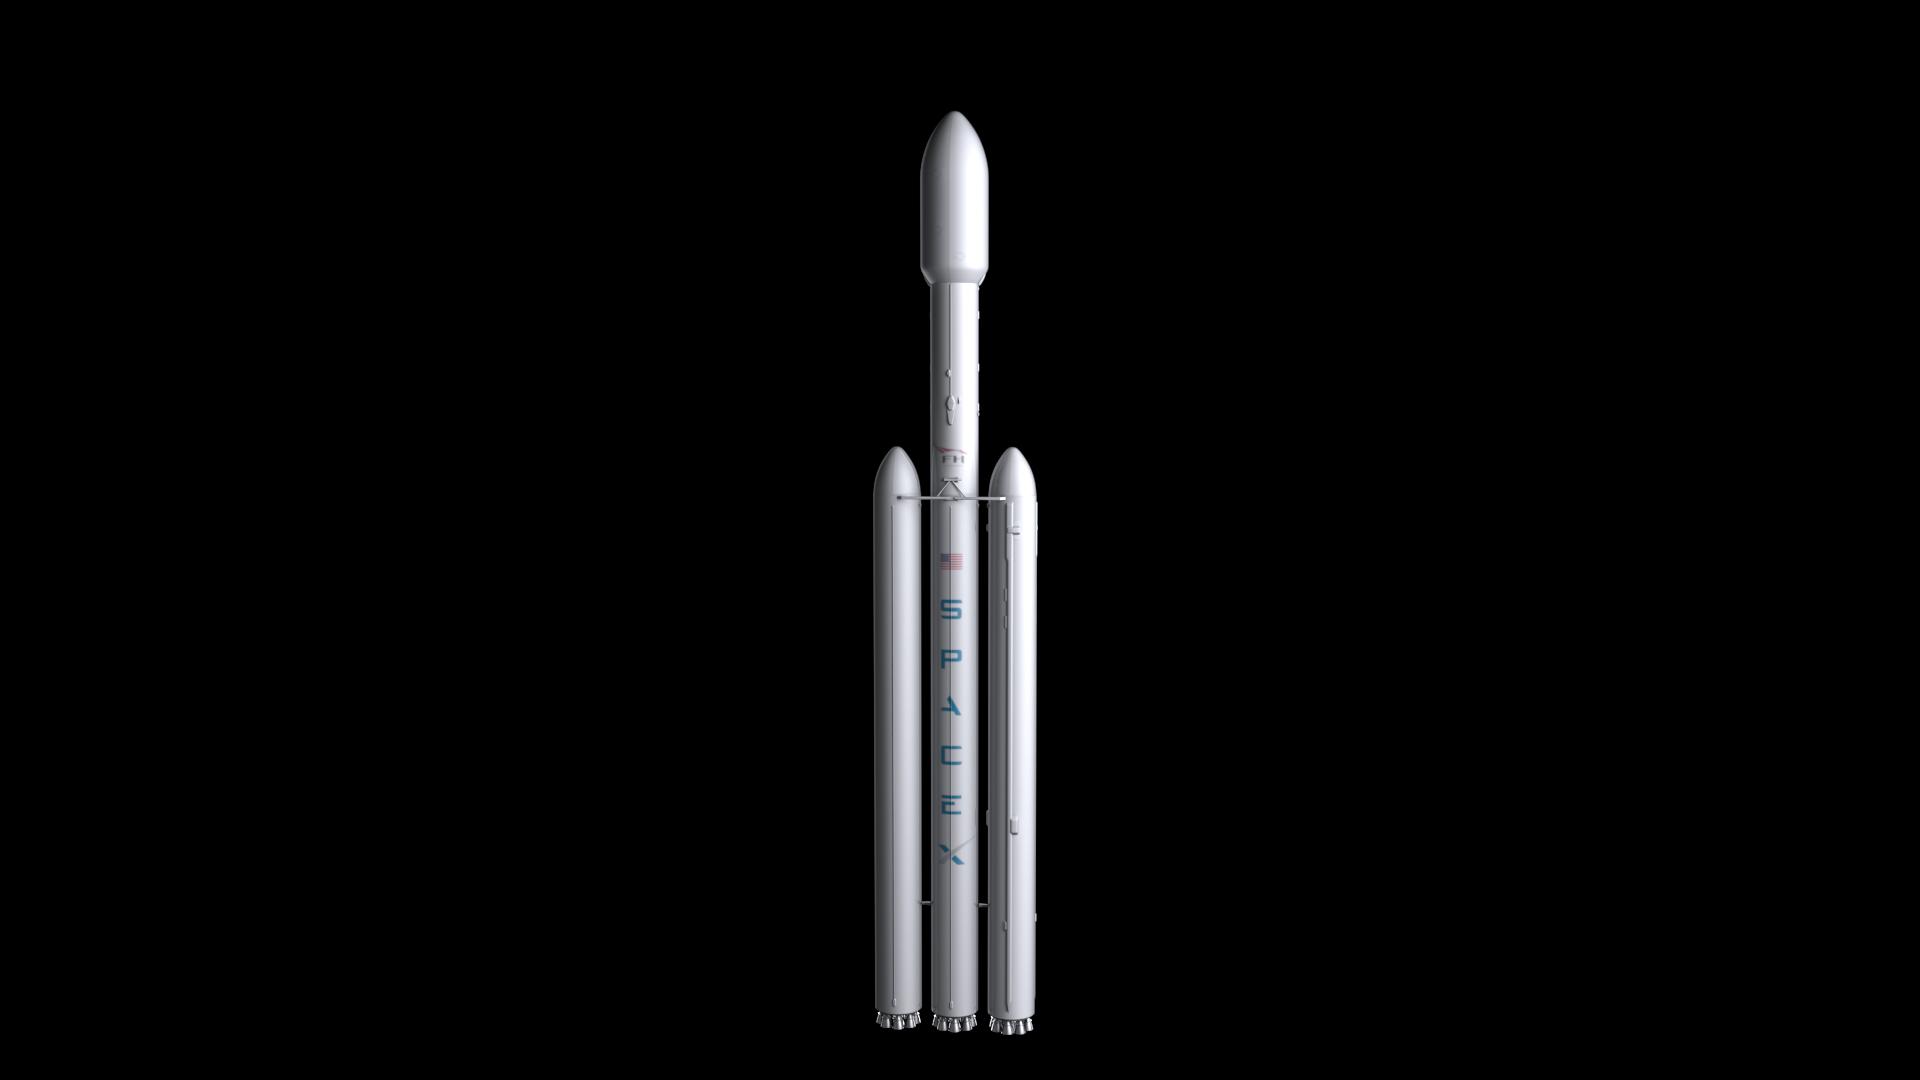 Falcon Heavy V1.2 Non Reusable